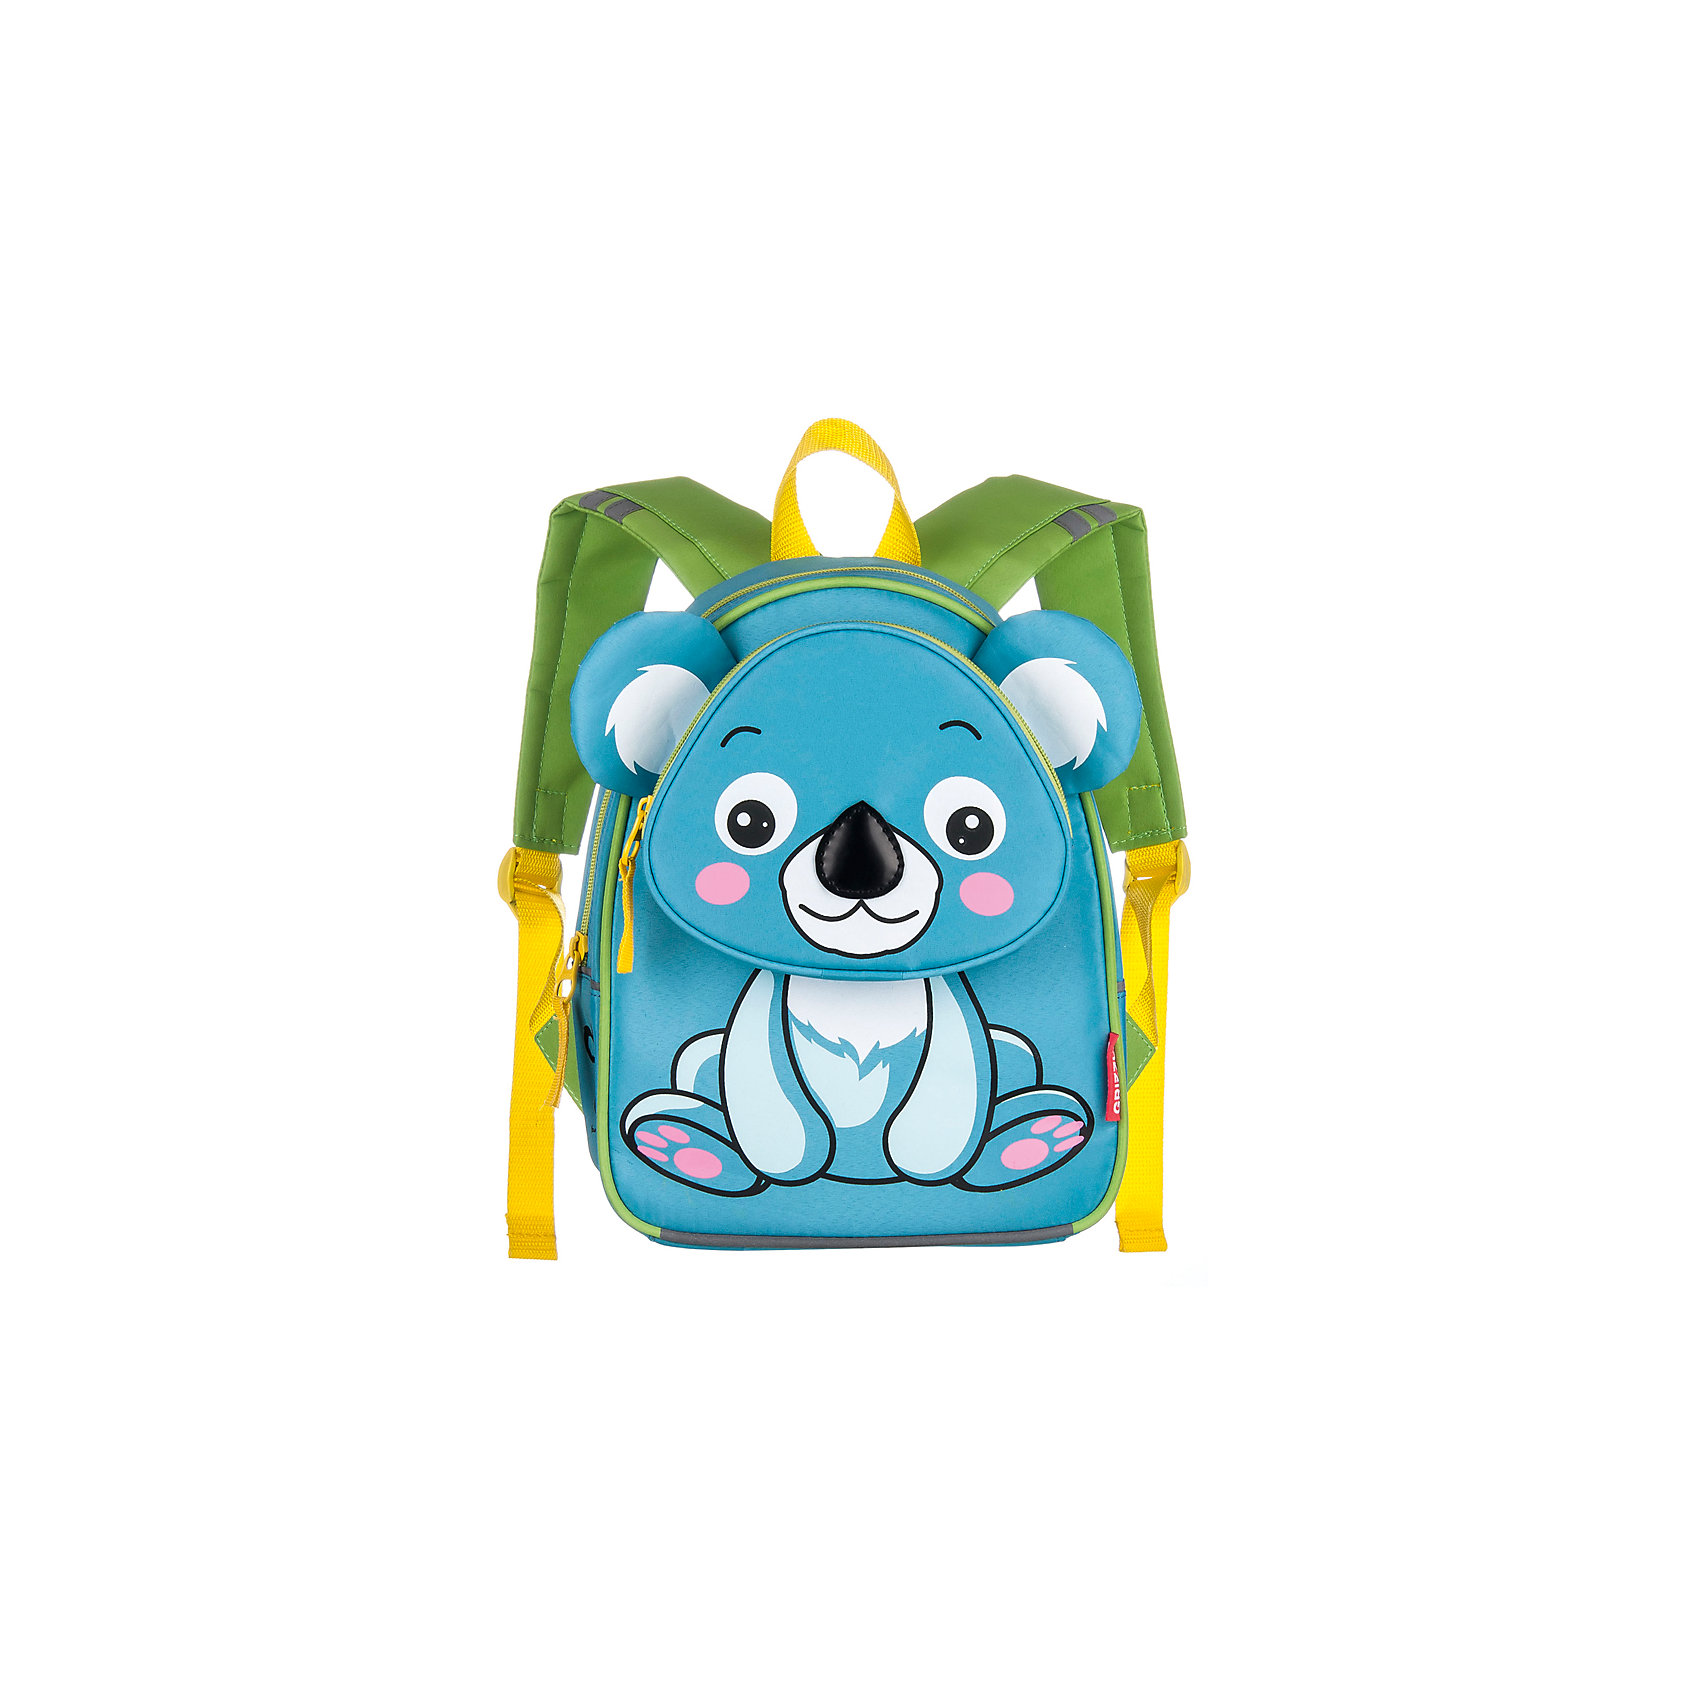 Рюкзак детский КоалаРюкзак для дошкольников  с изображением коалы оборудован одним отделением, передним карманом на молнии, внутренним карманом, мягкими лямками и спинкой и ручкой для переноски.<br><br>Дополнительная информация:<br><br>одно отделение, <br>объемный карман на молнии на передней стенке, <br>внутренний карман, <br>укрепленная спинка, <br>мягкие лямки, <br>светоотражающие элементы с четырех сторон<br>вес: 340 г<br>размеры: 24 х 30 х 12 см<br><br>Рюкзак детский Коала можно купить в нашем магазине.<br><br>Ширина мм: 240<br>Глубина мм: 120<br>Высота мм: 300<br>Вес г: 340<br>Возраст от месяцев: 36<br>Возраст до месяцев: 72<br>Пол: Унисекс<br>Возраст: Детский<br>SKU: 4632779